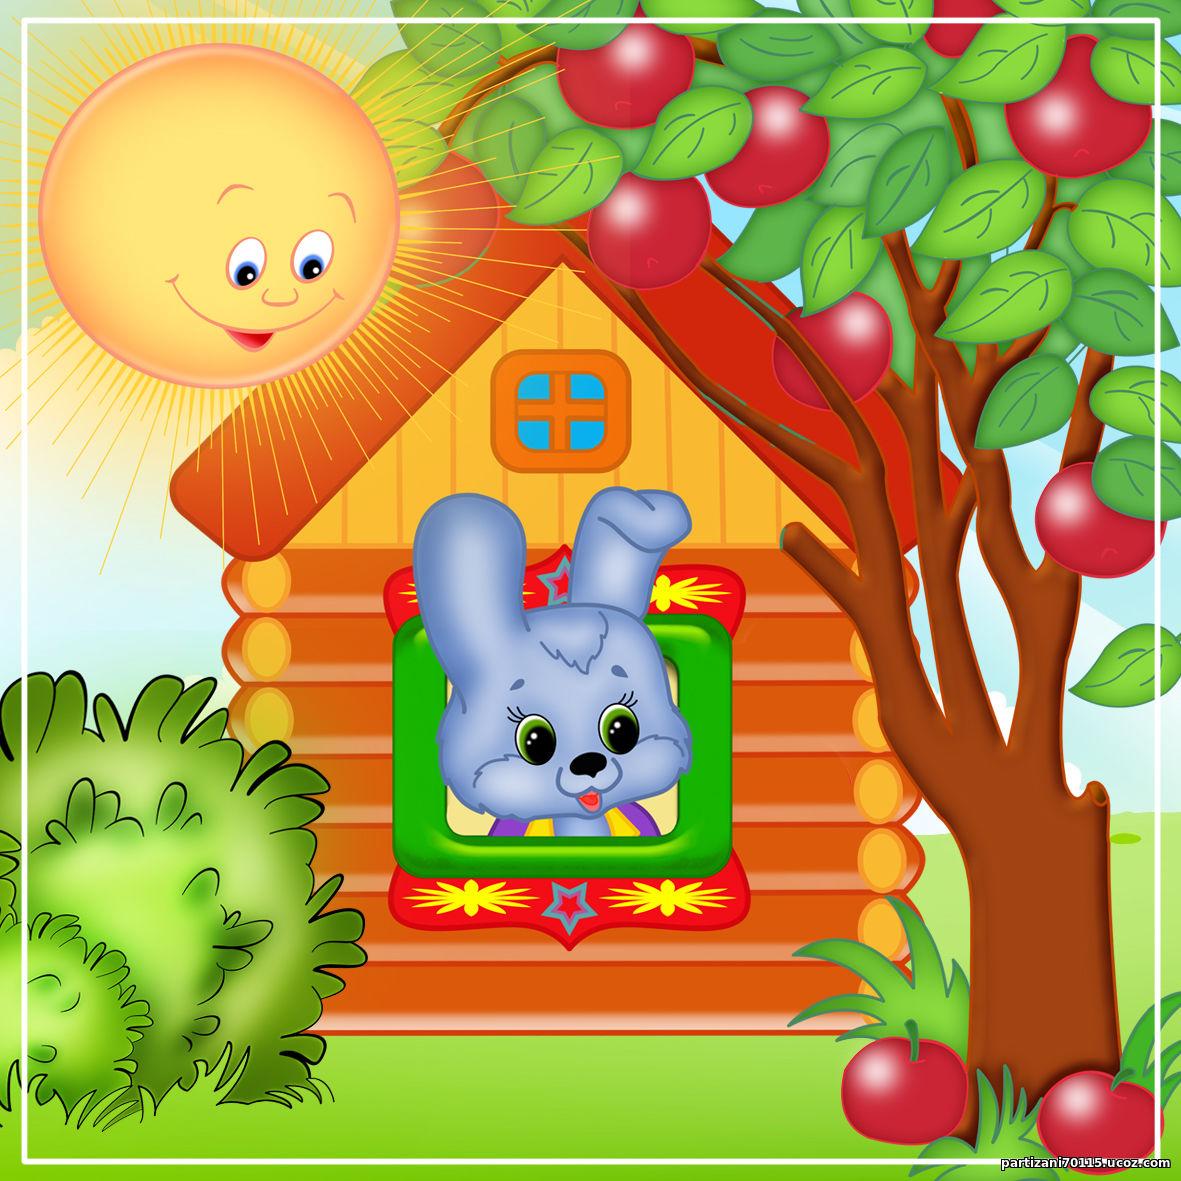 Картинки на тему в гостях у сказки в детском саду, небо анимация